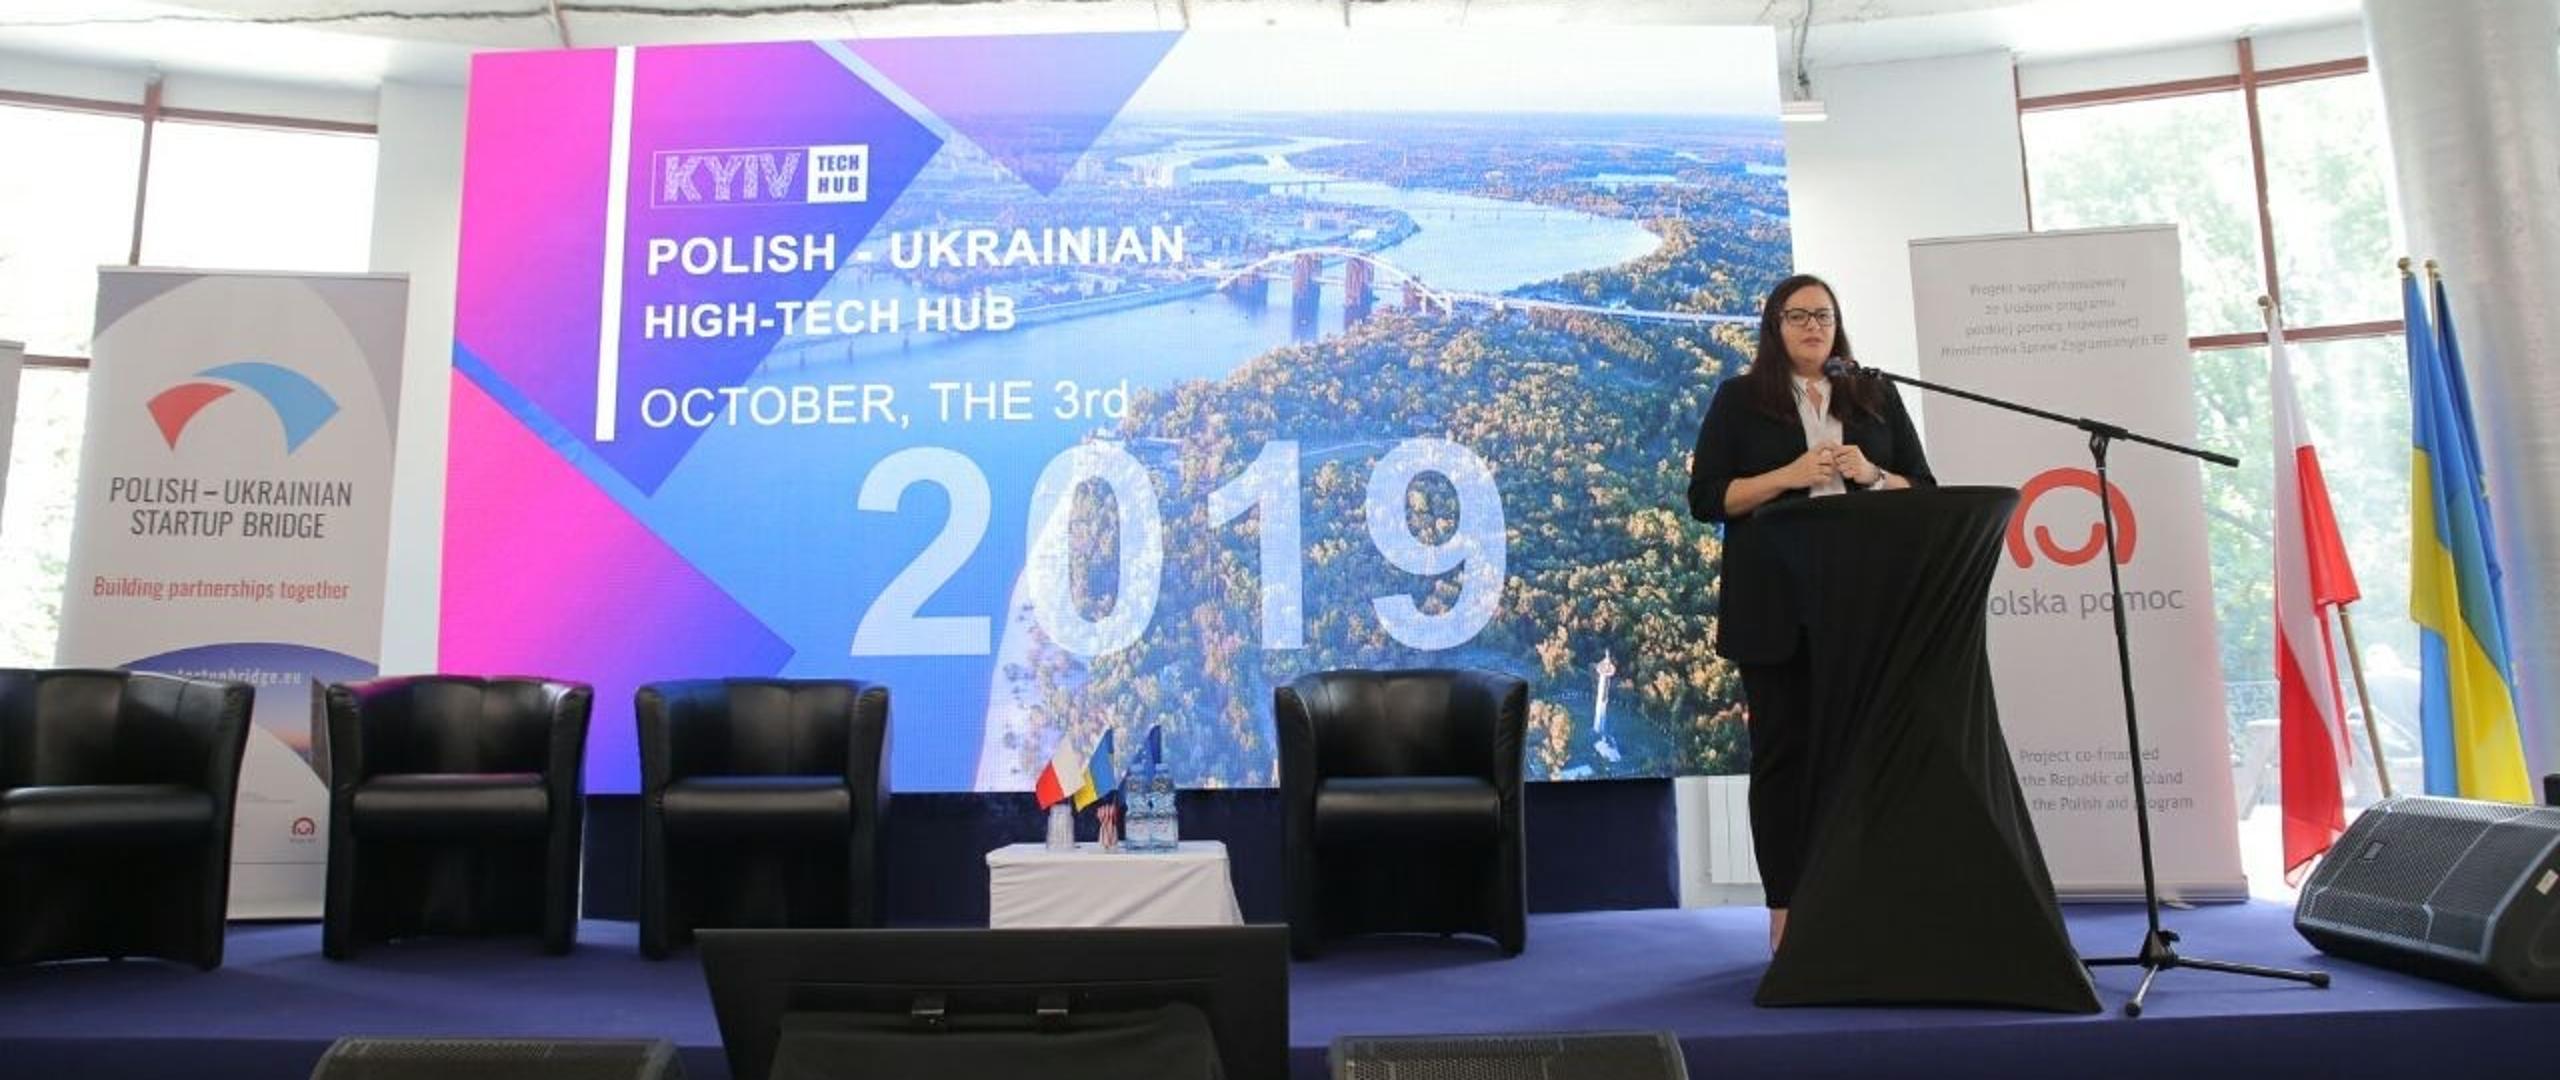 Wiceminister Małgorzata Jarosińska-Jedynak podczas otwarcia konferencji na scenie przy czarnej mównicy, z tyłu ekran z grafiką promocyjną wydarzenia z napisem: